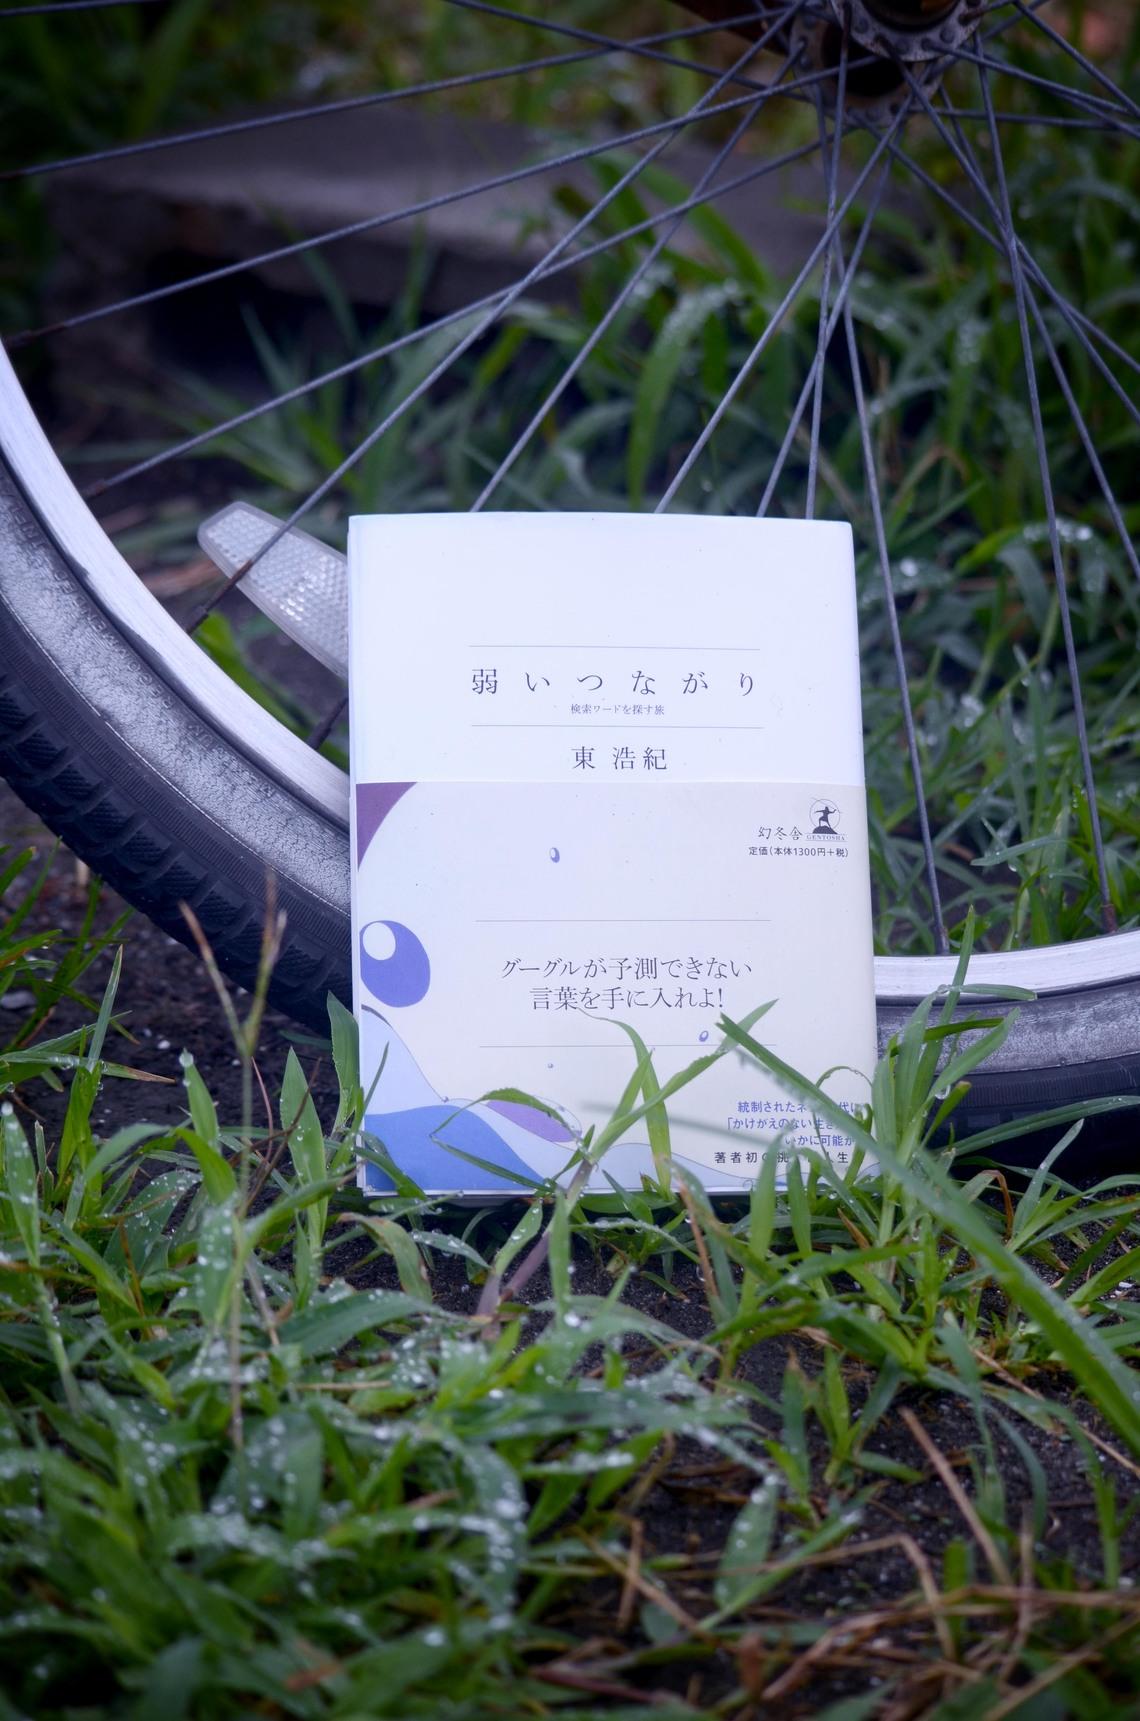 作家・思想家の東浩紀氏の新刊『弱いつながり 検索ワードを探す旅』(幻冬舎)